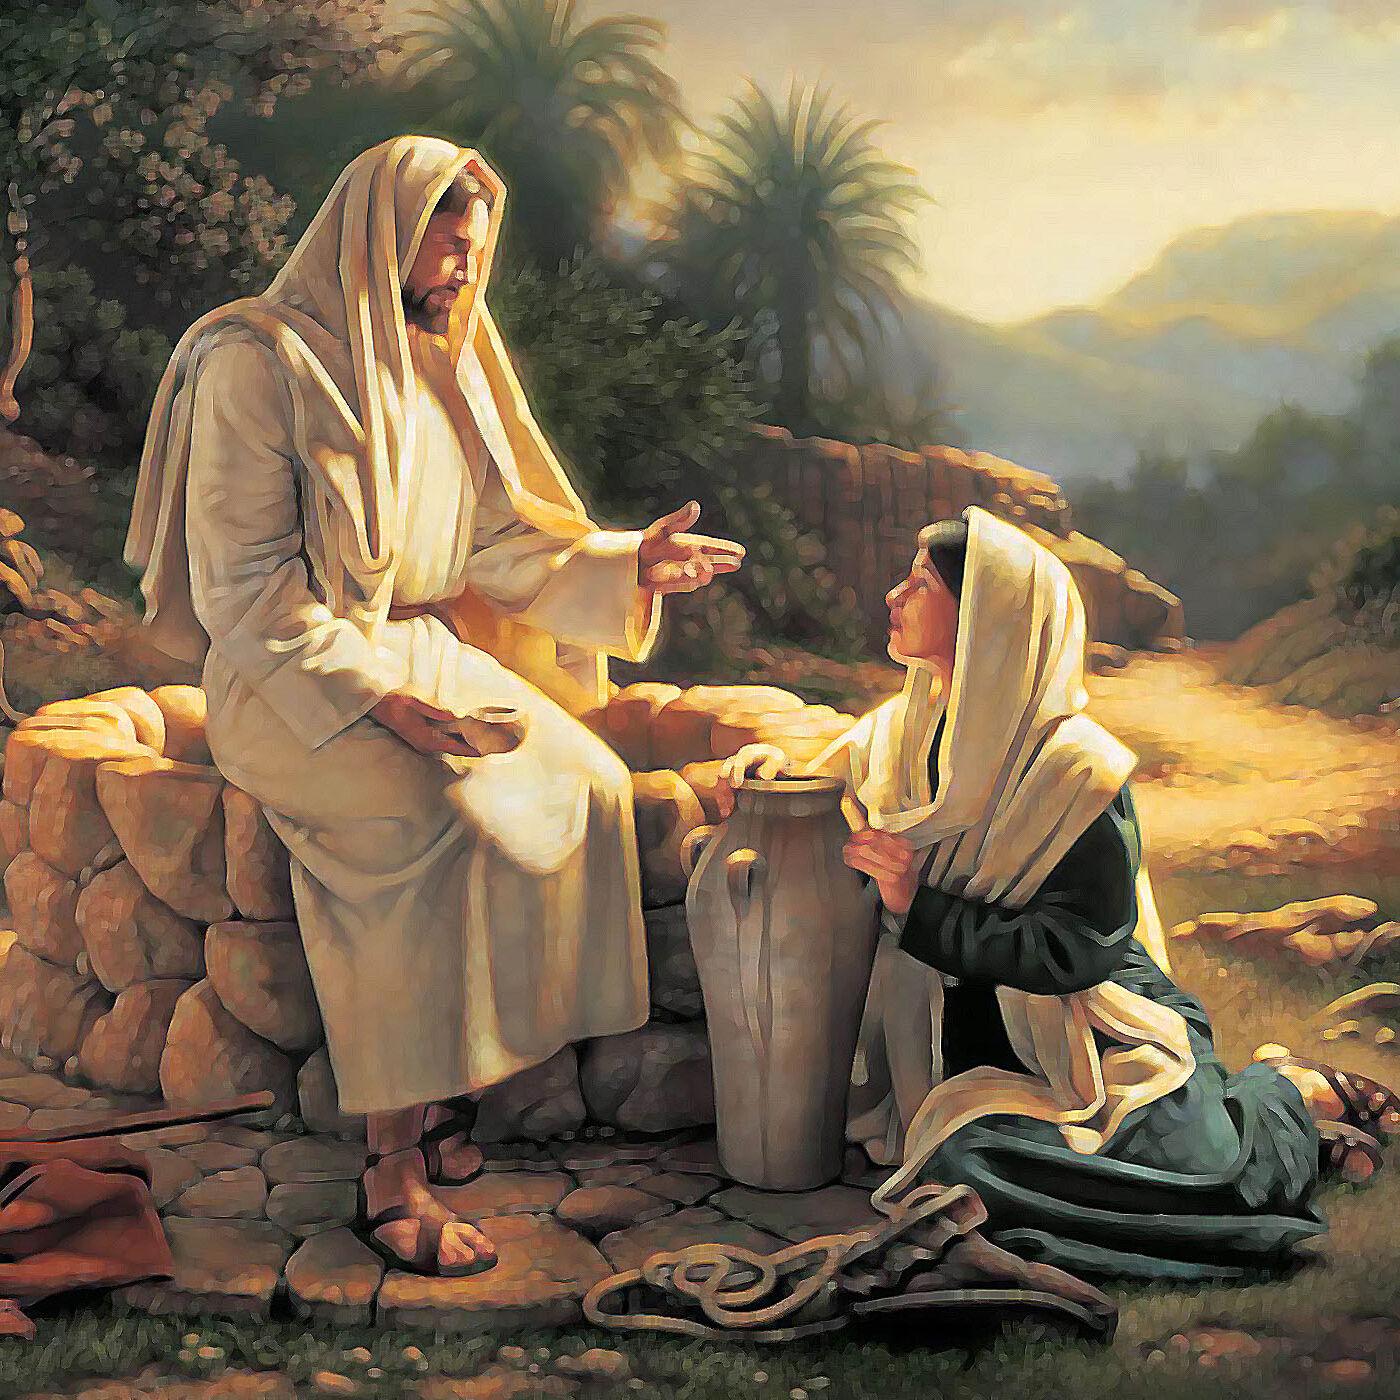 riflessioni sul Vangelo di Sabato 9 Ottobre 2021 (Lc 11, 27-28)